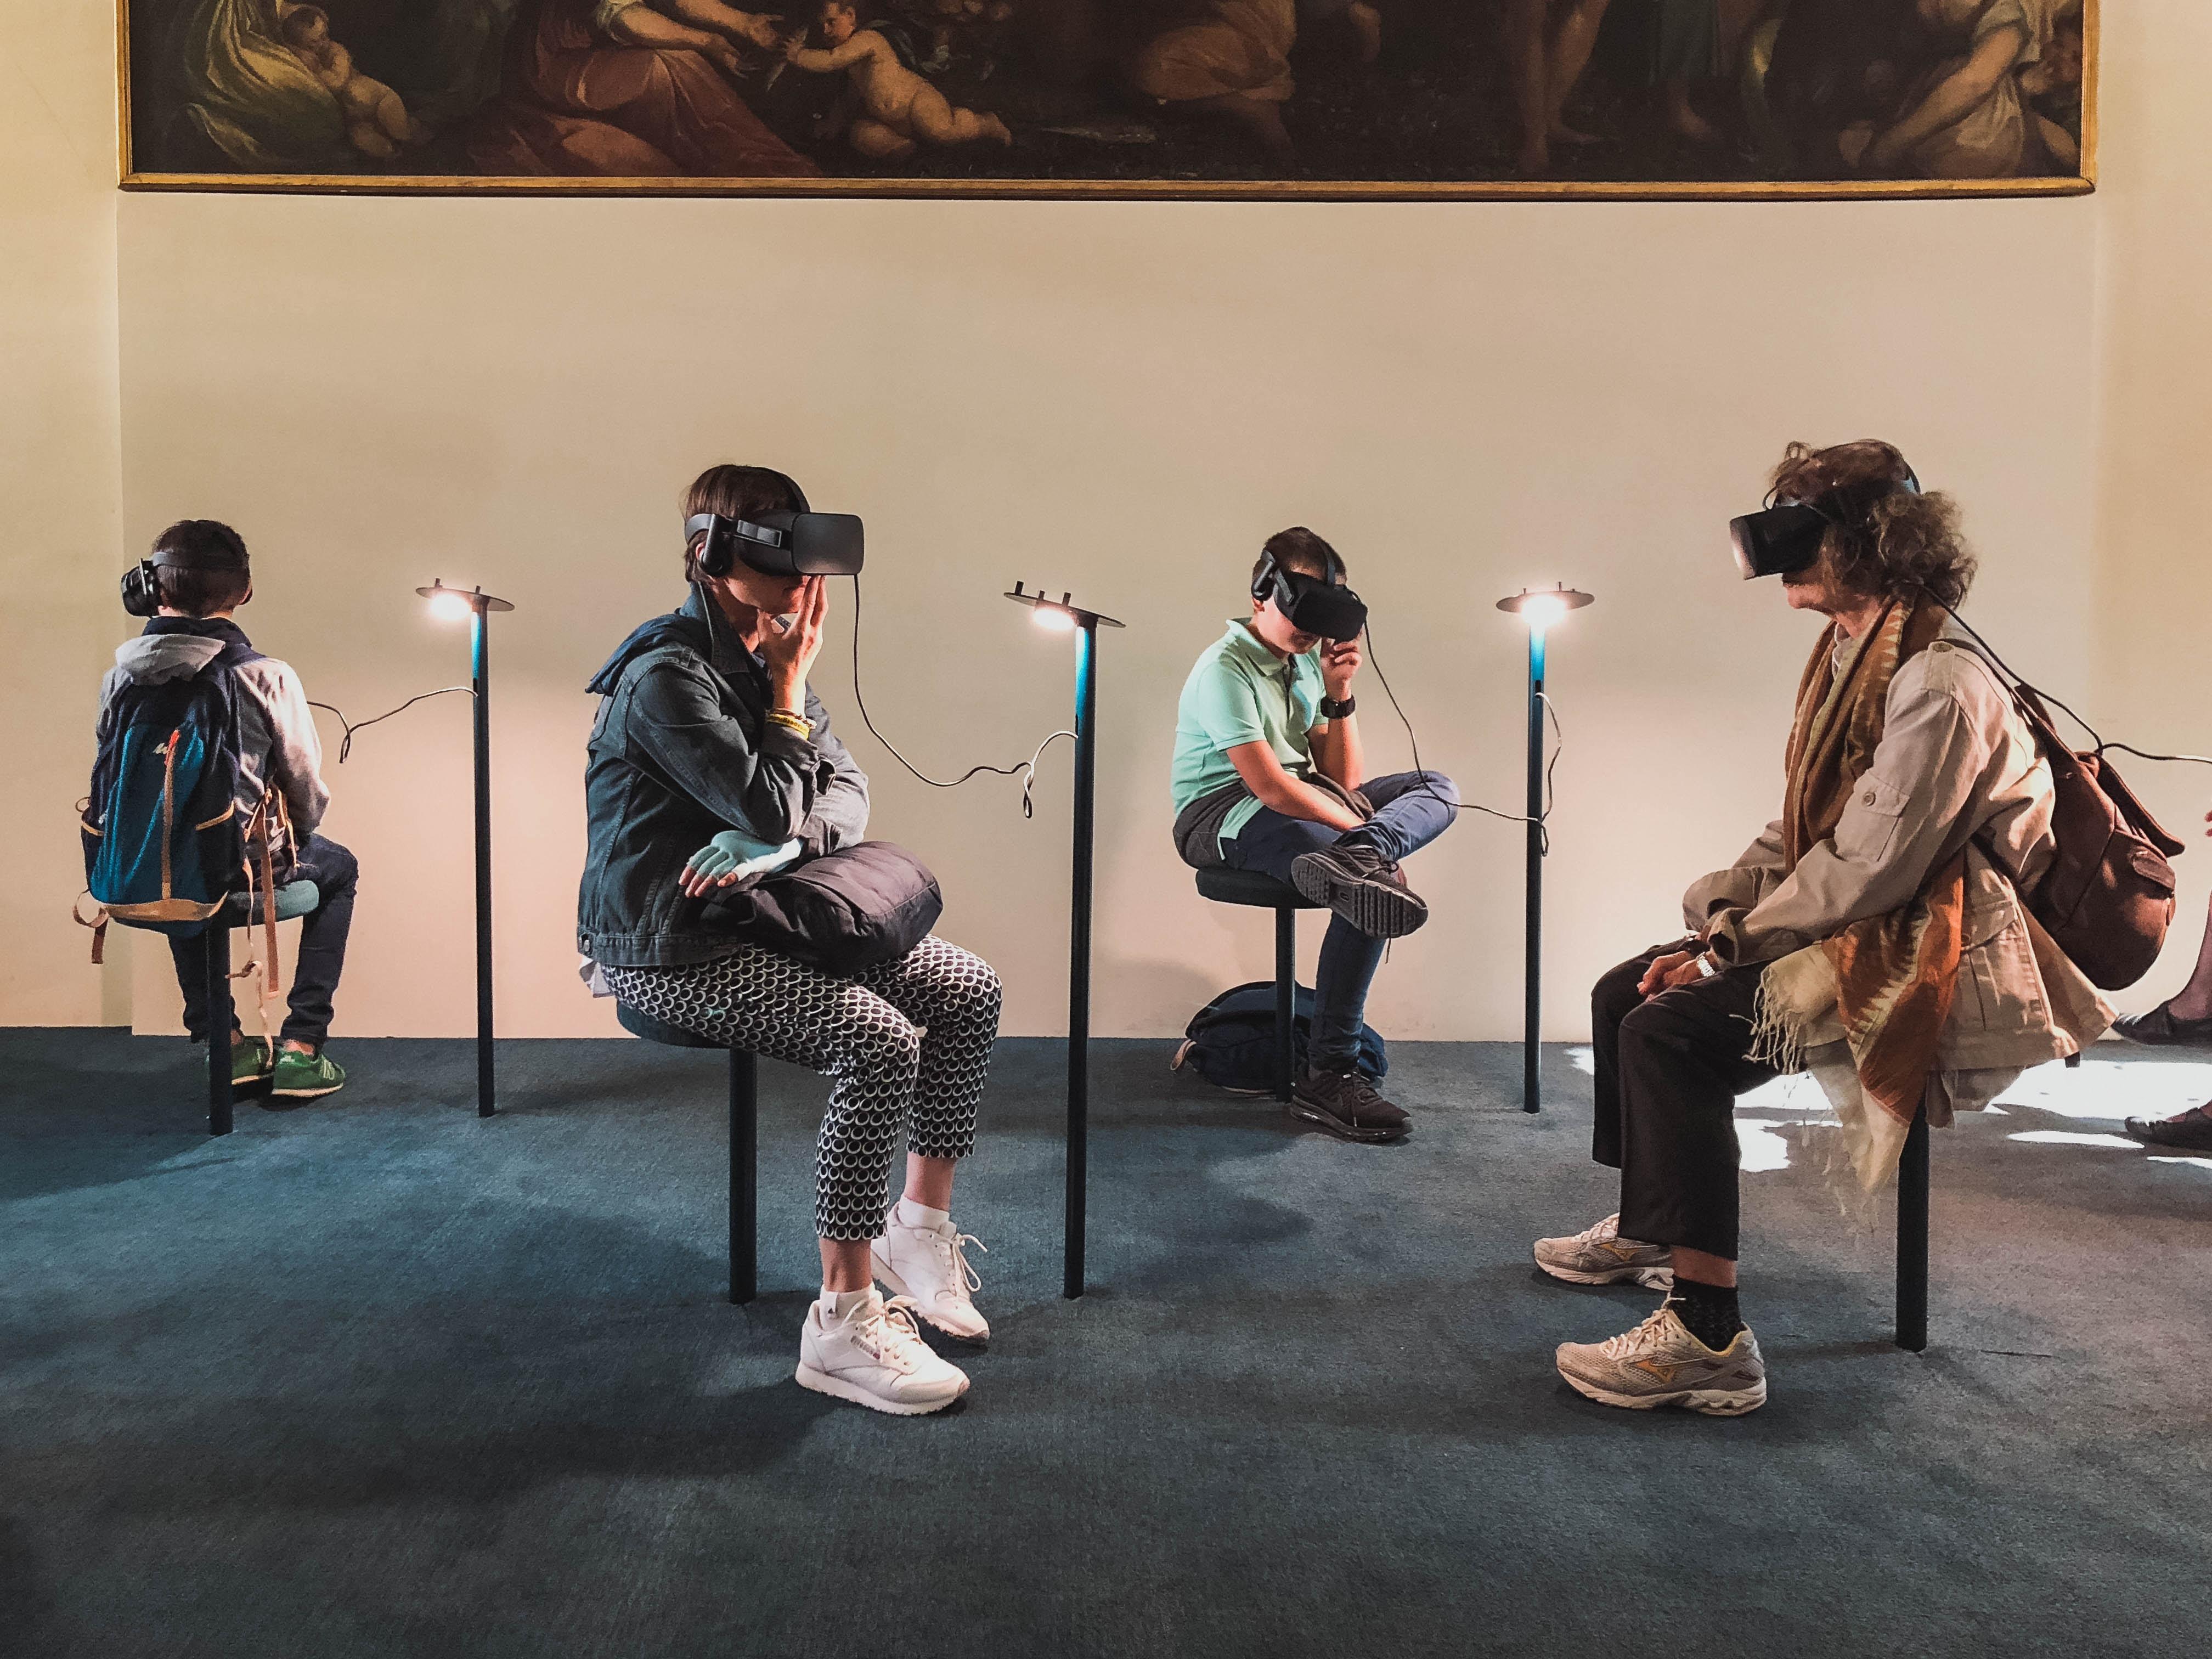 TDAH i Realitat Virtual, un projecte impulsat des del Vall d'Hebrón Institut de Recerca